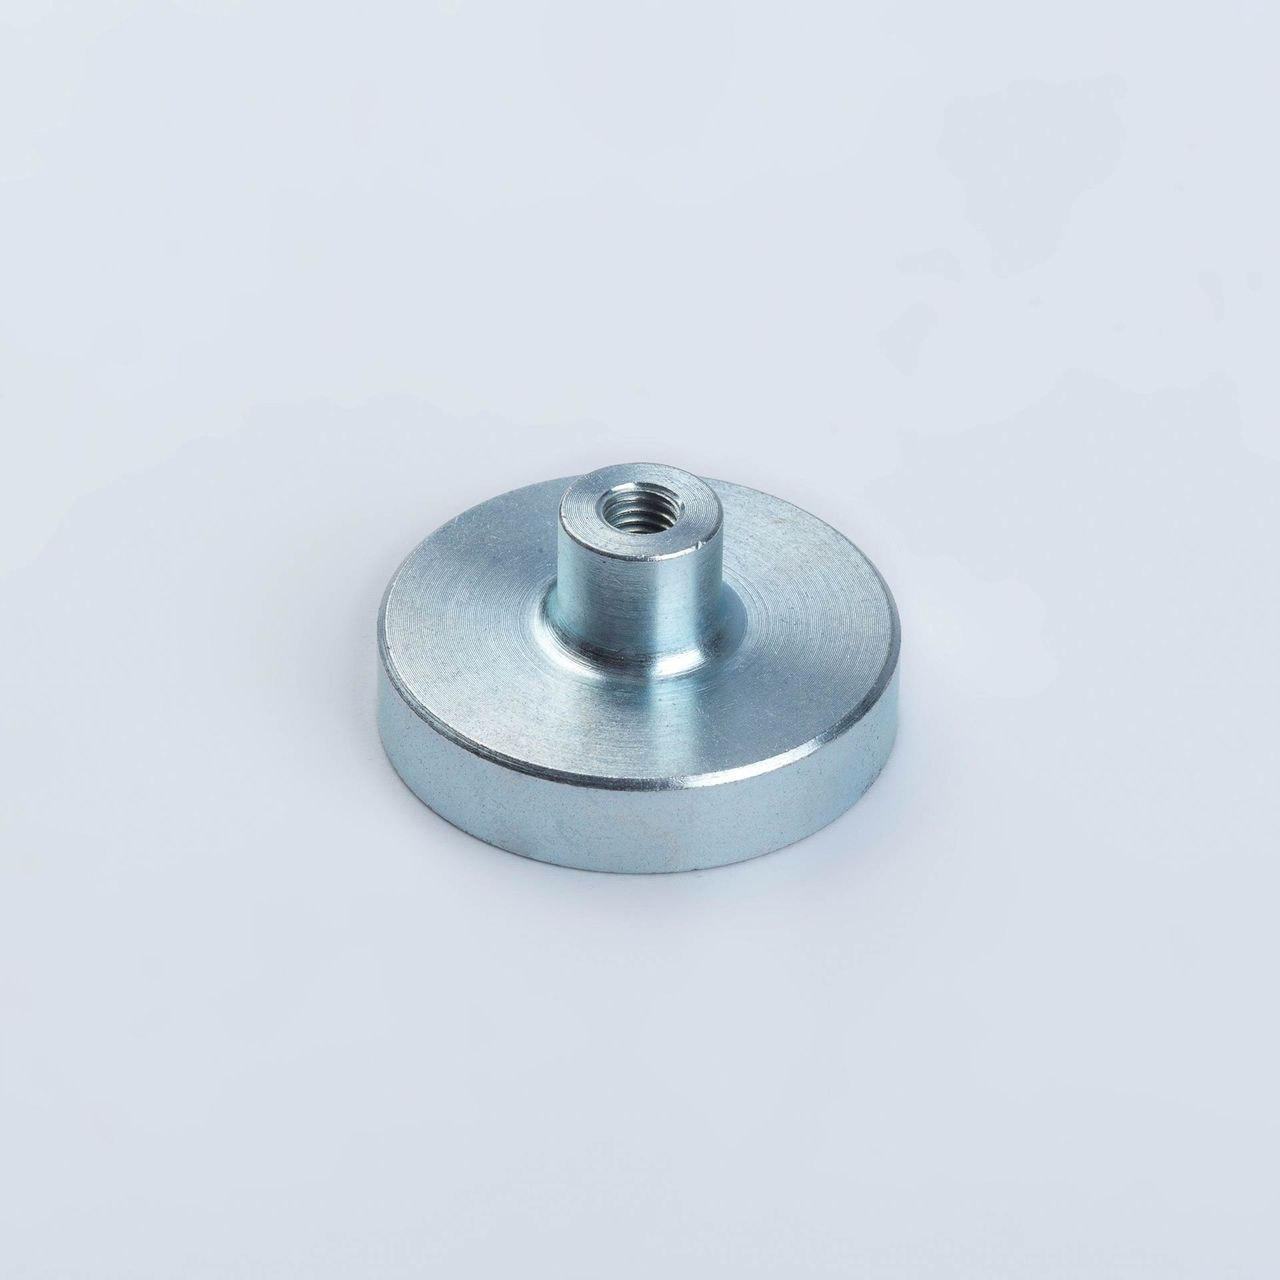 Pot magnet made of Neodym with threaded bush, galvanized, thyssenkrupp Magnettechnik